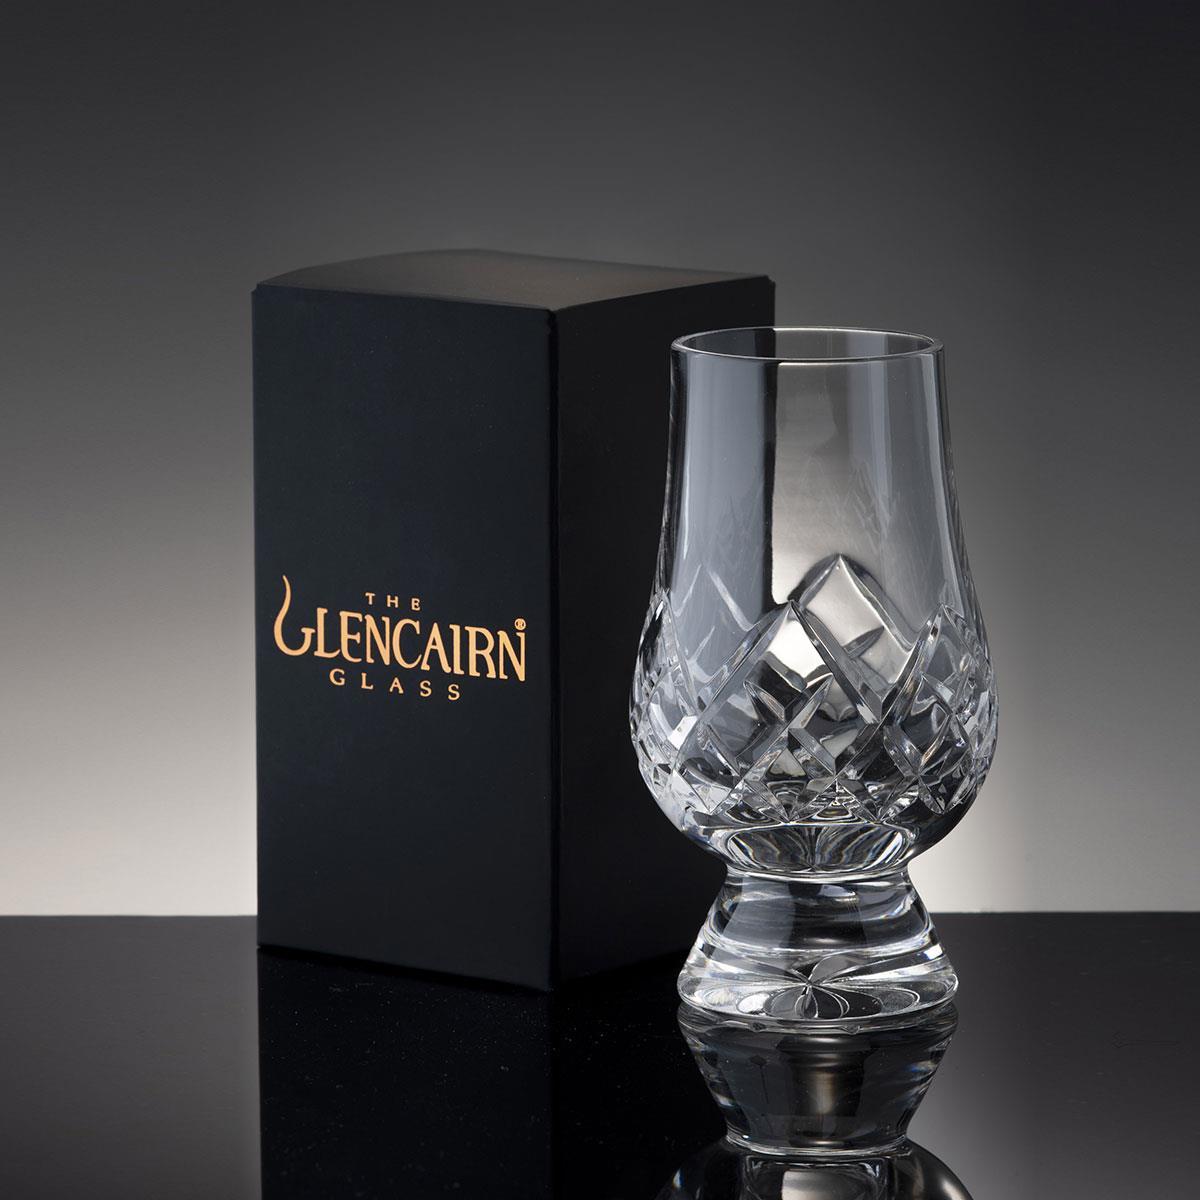 Ποτήρι Glencairn Σκαλιστό για Malt Ουίσκι 190ml